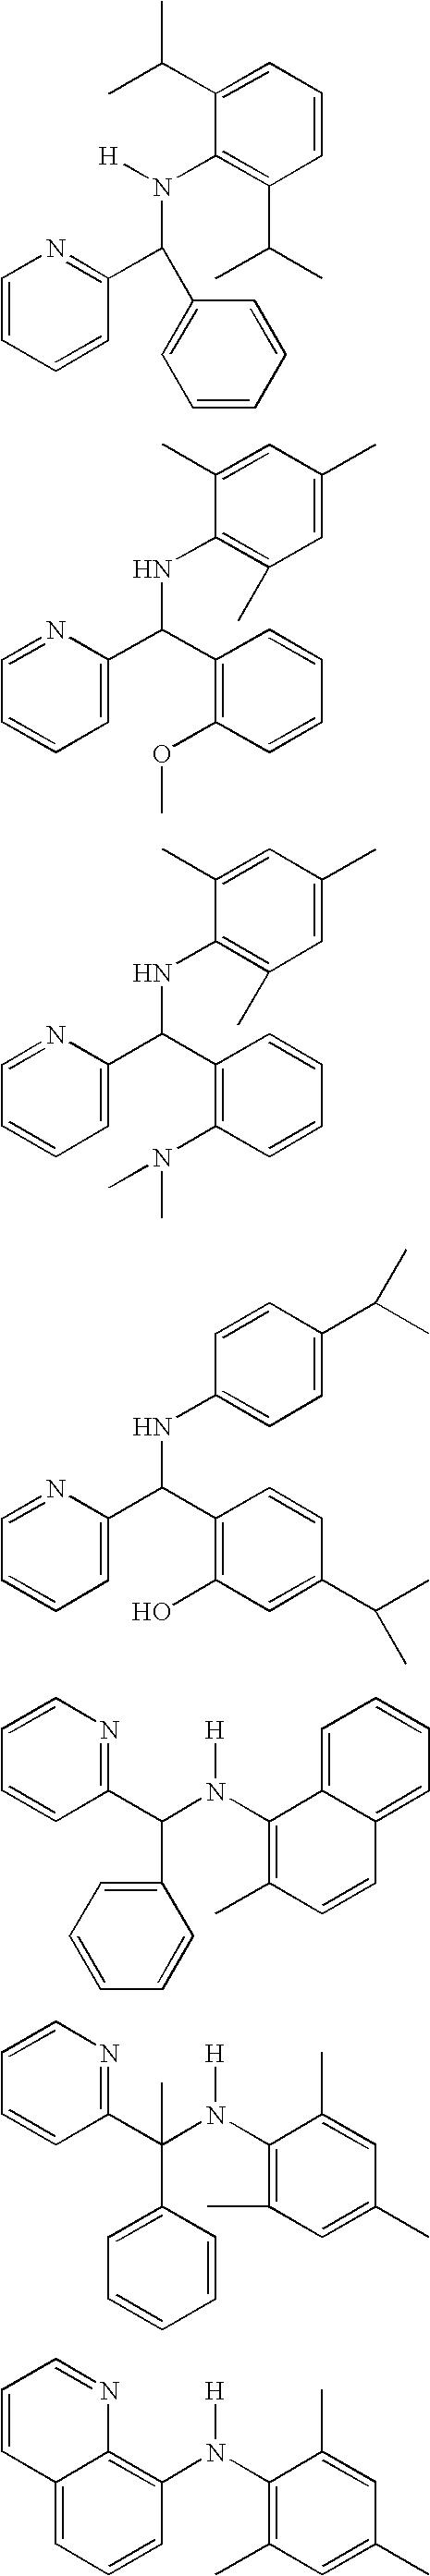 Figure US06900321-20050531-C00041